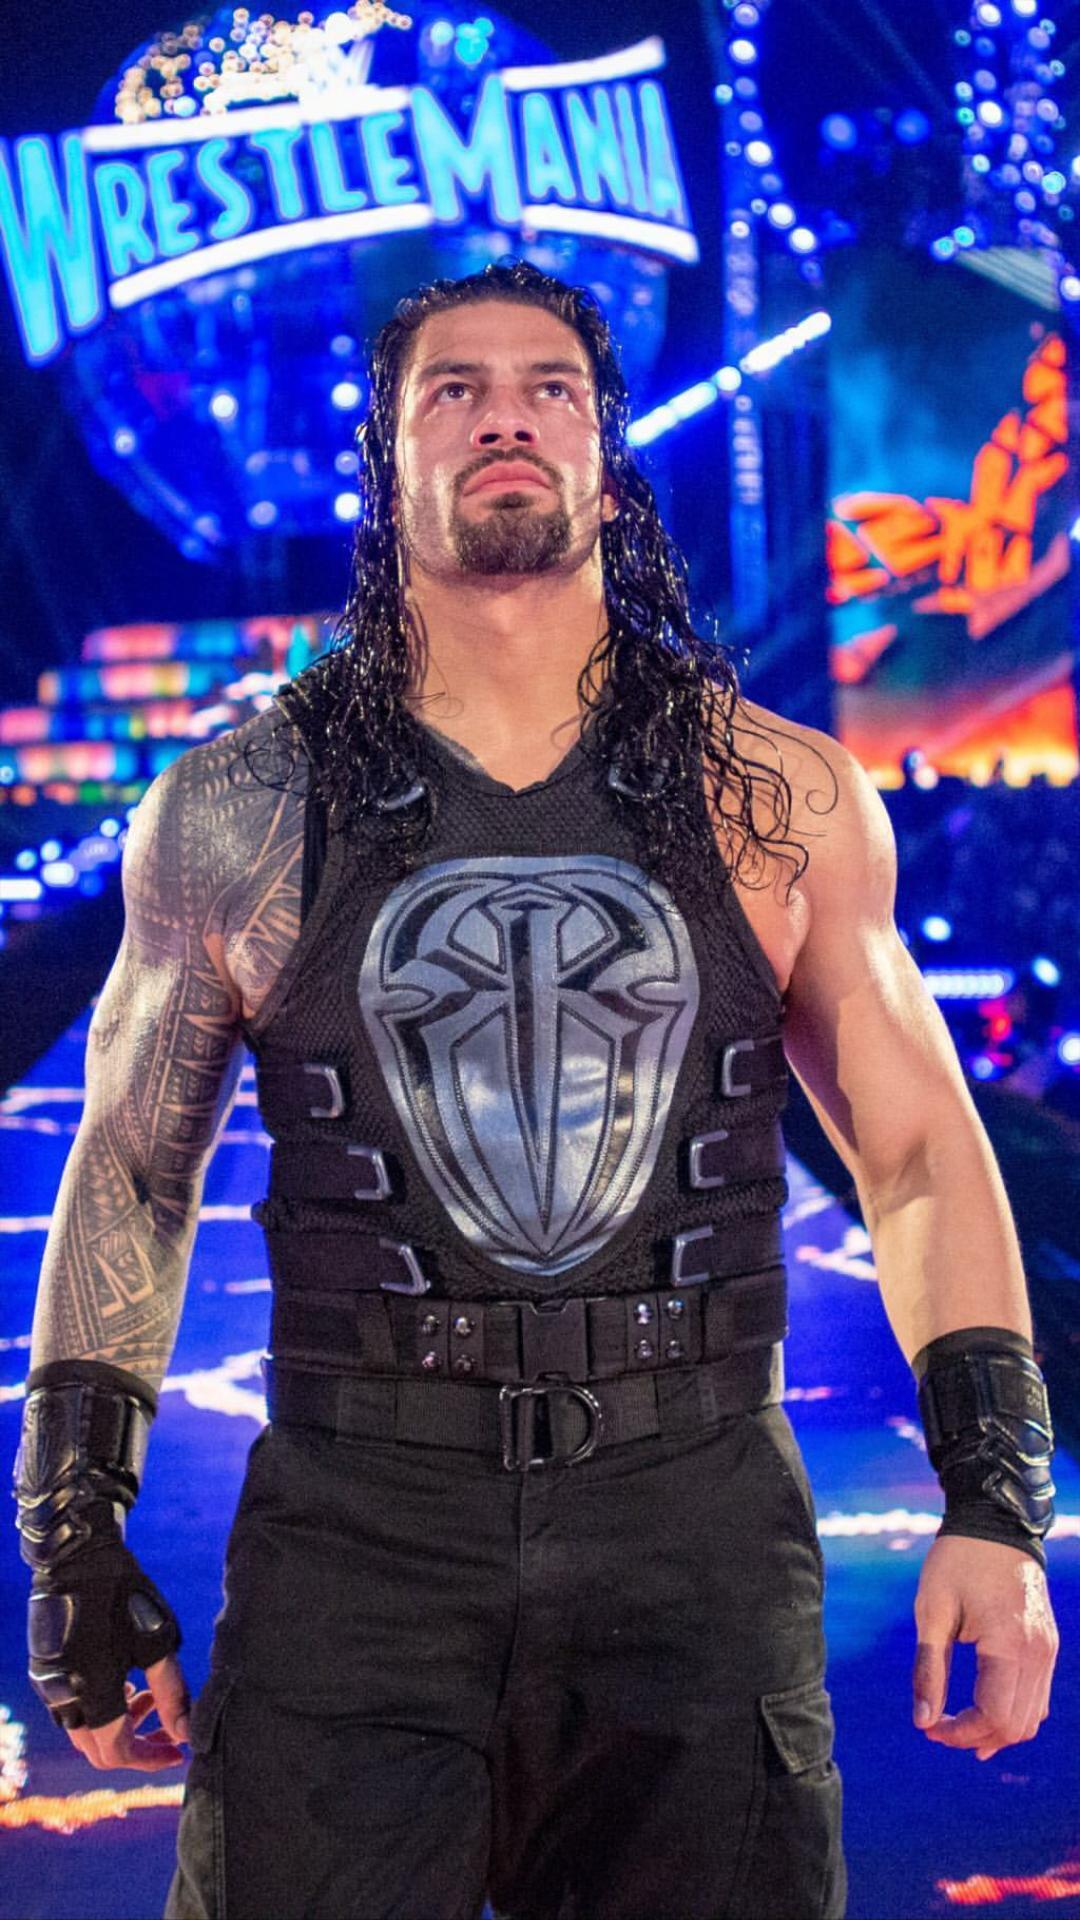 Pin By Darlene Moss On Roman Reigns In 2020 Wwe Superstar Roman Reigns Roman Reigns Wwe Champion Wwe Roman Reigns